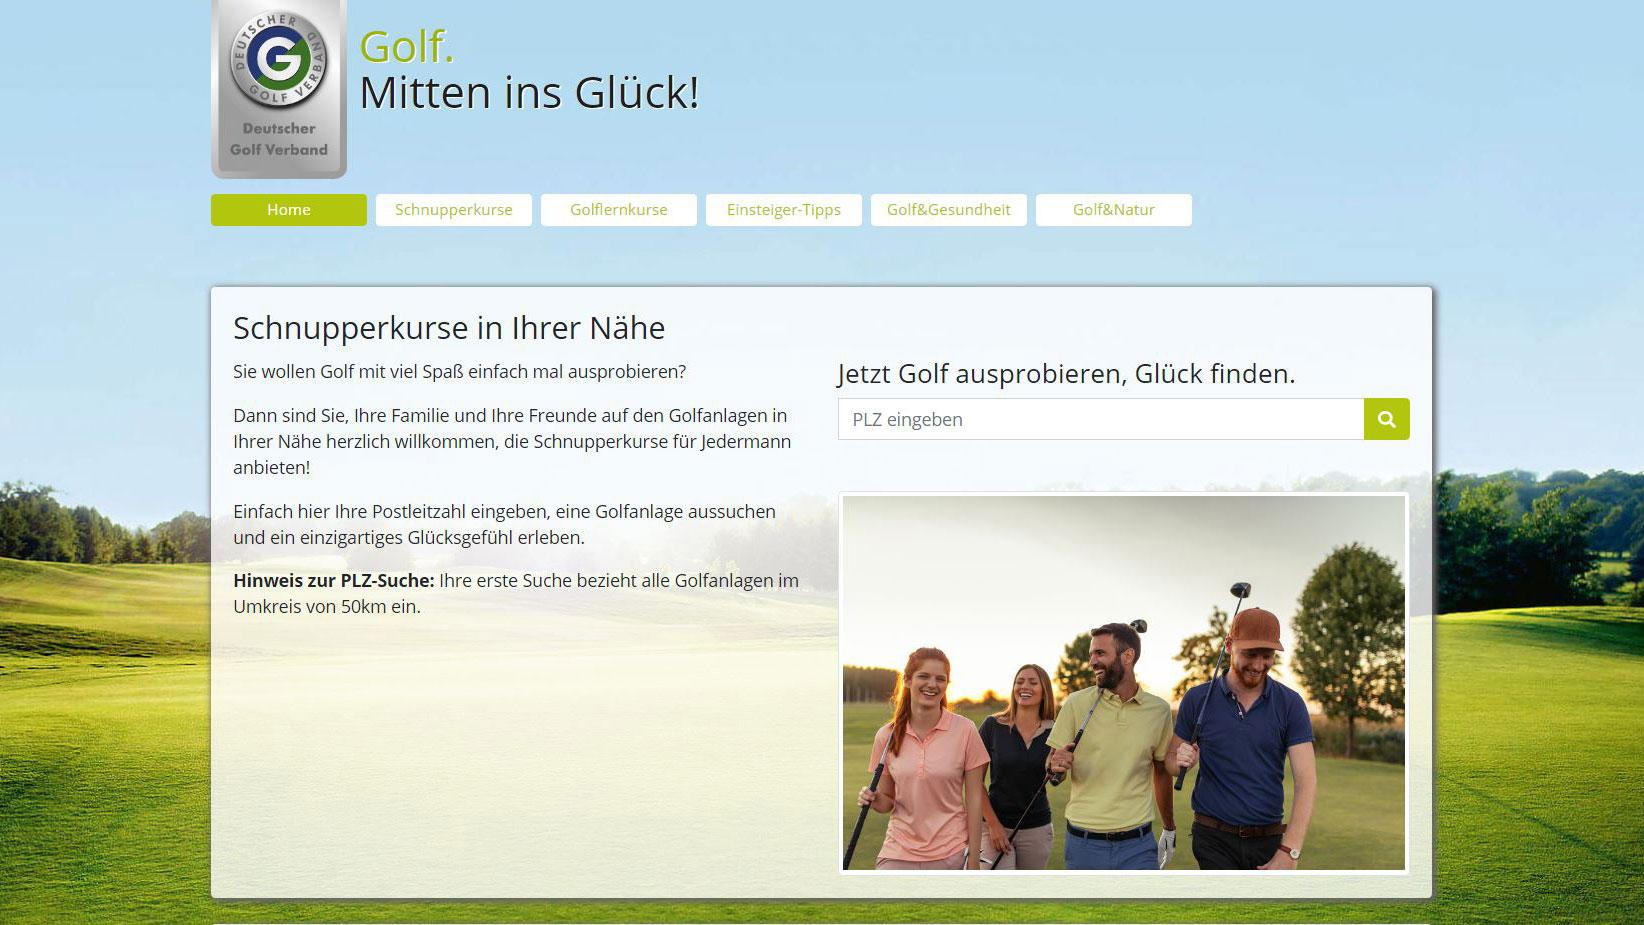 Golfglück.de